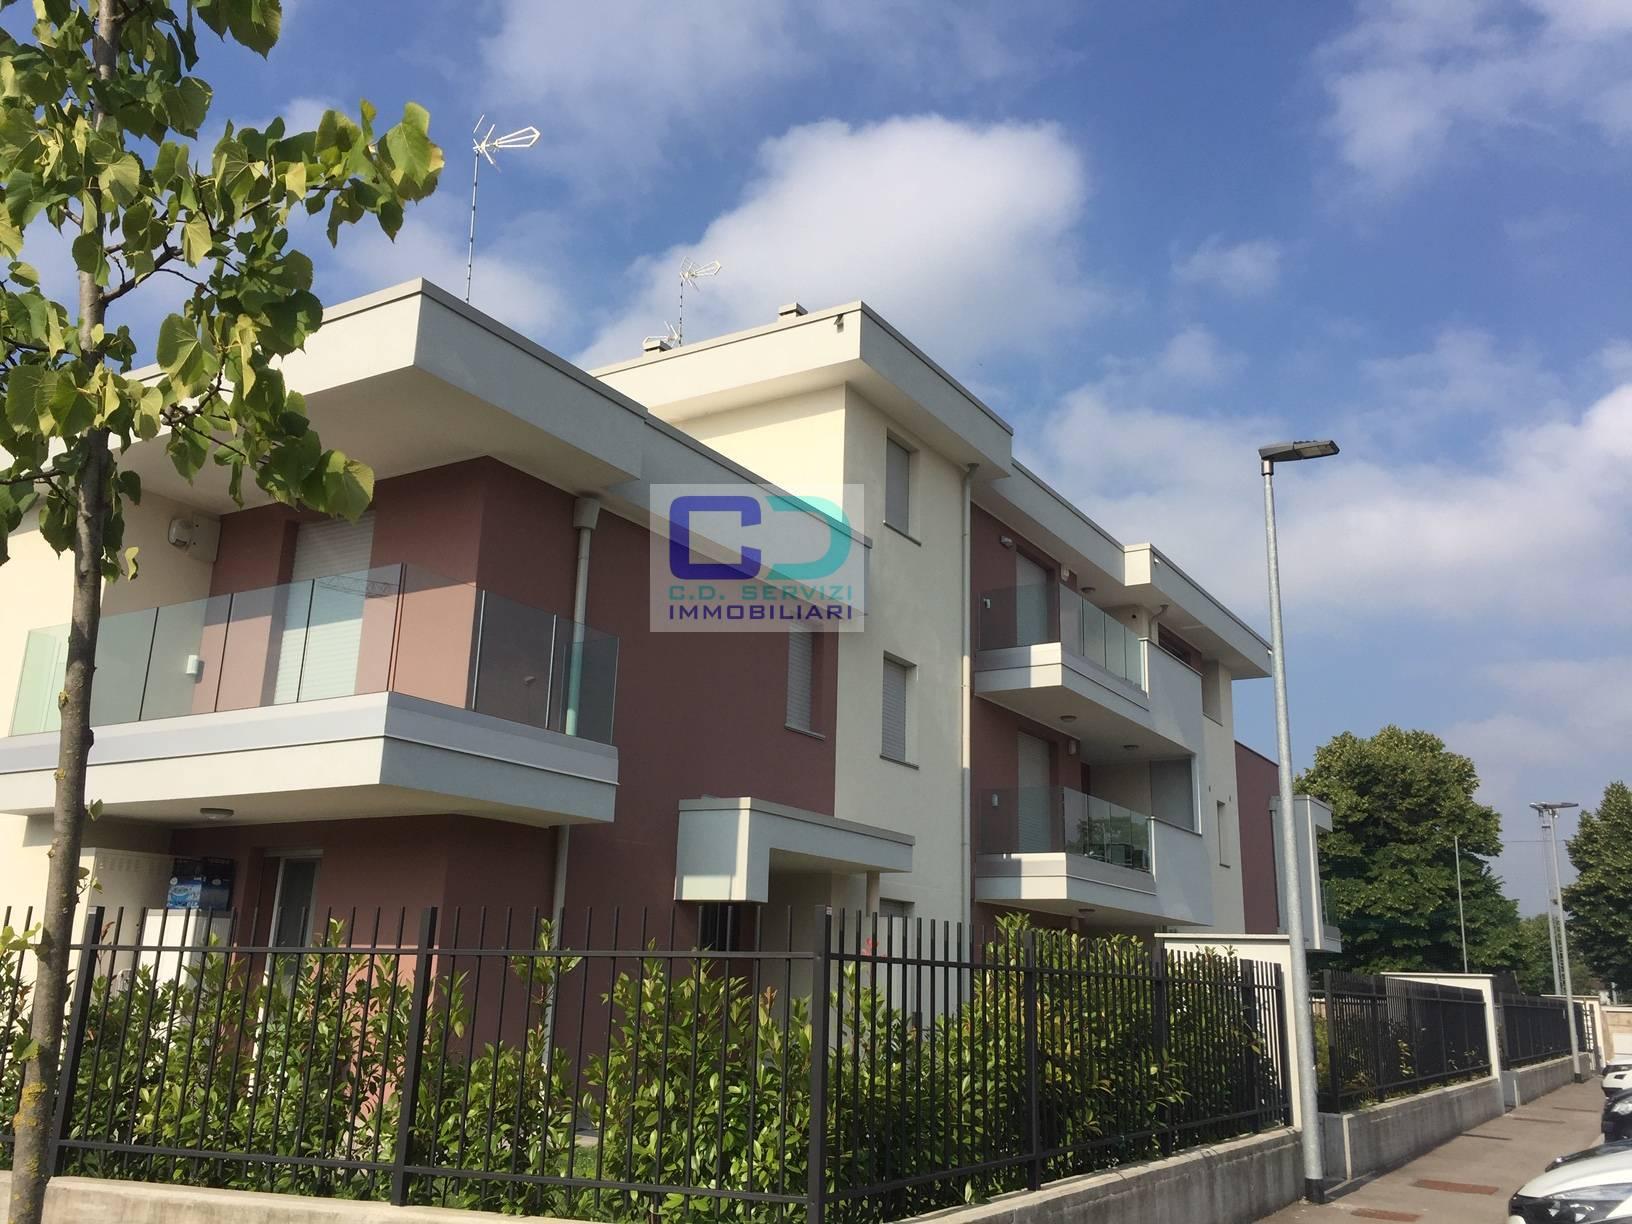 Appartamento in vendita a Inzago, 3 locali, prezzo € 272.000 | PortaleAgenzieImmobiliari.it